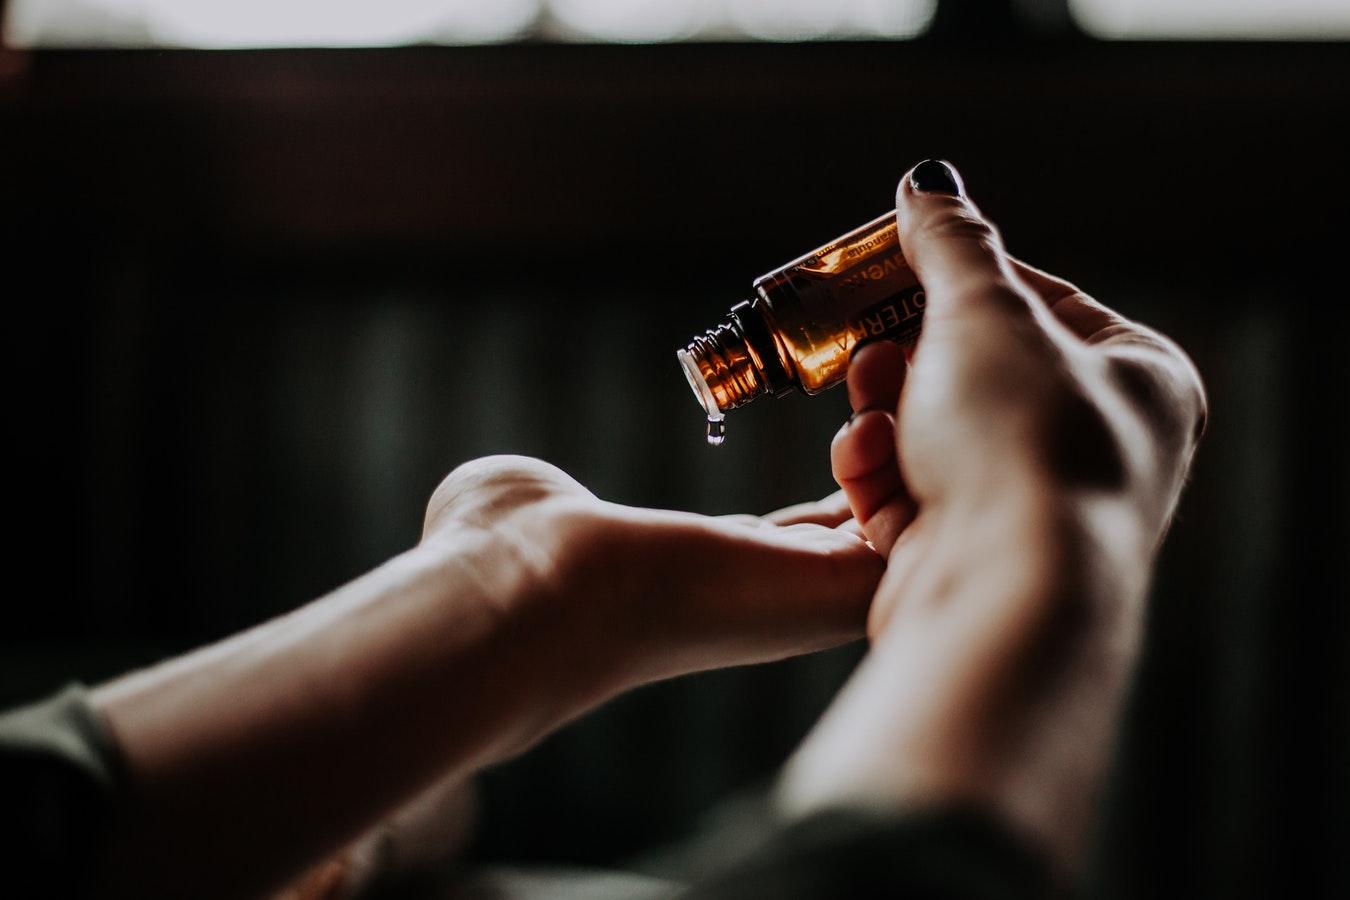 Ricinusovo ulje